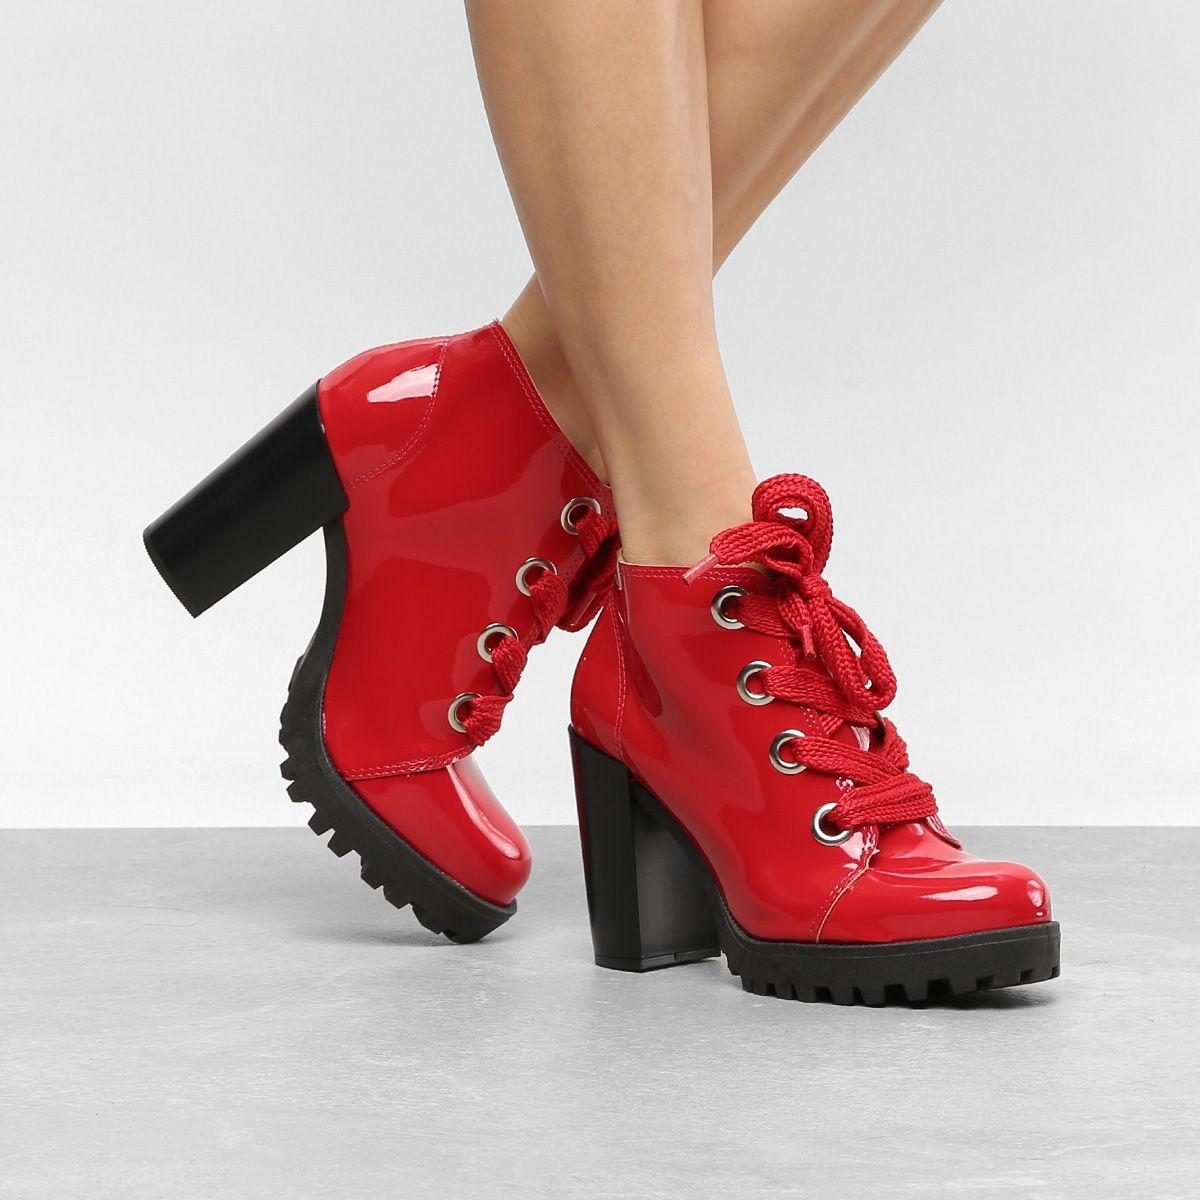 38f97a3a3e Bota Coturno Moleca Tratorada Verniz Feminina - Vermelho #moda #fashion  #modafeminina #red #bota #estilo #style